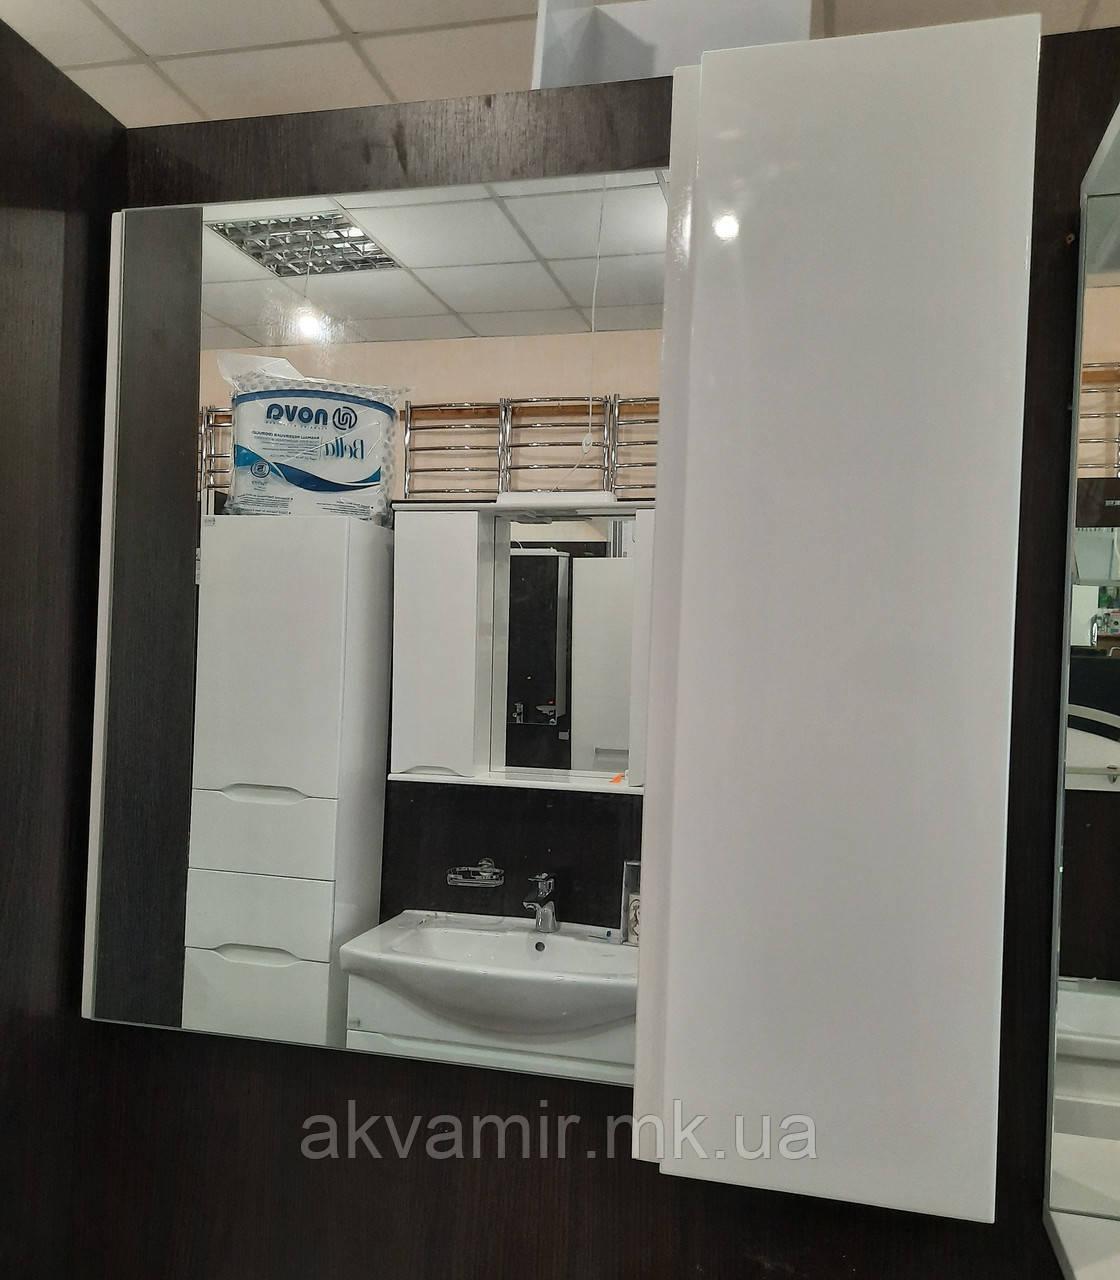 Дзеркало у ванну Профіль Ніколь 50 см без підсвічування - універсальний (правий/лівий)